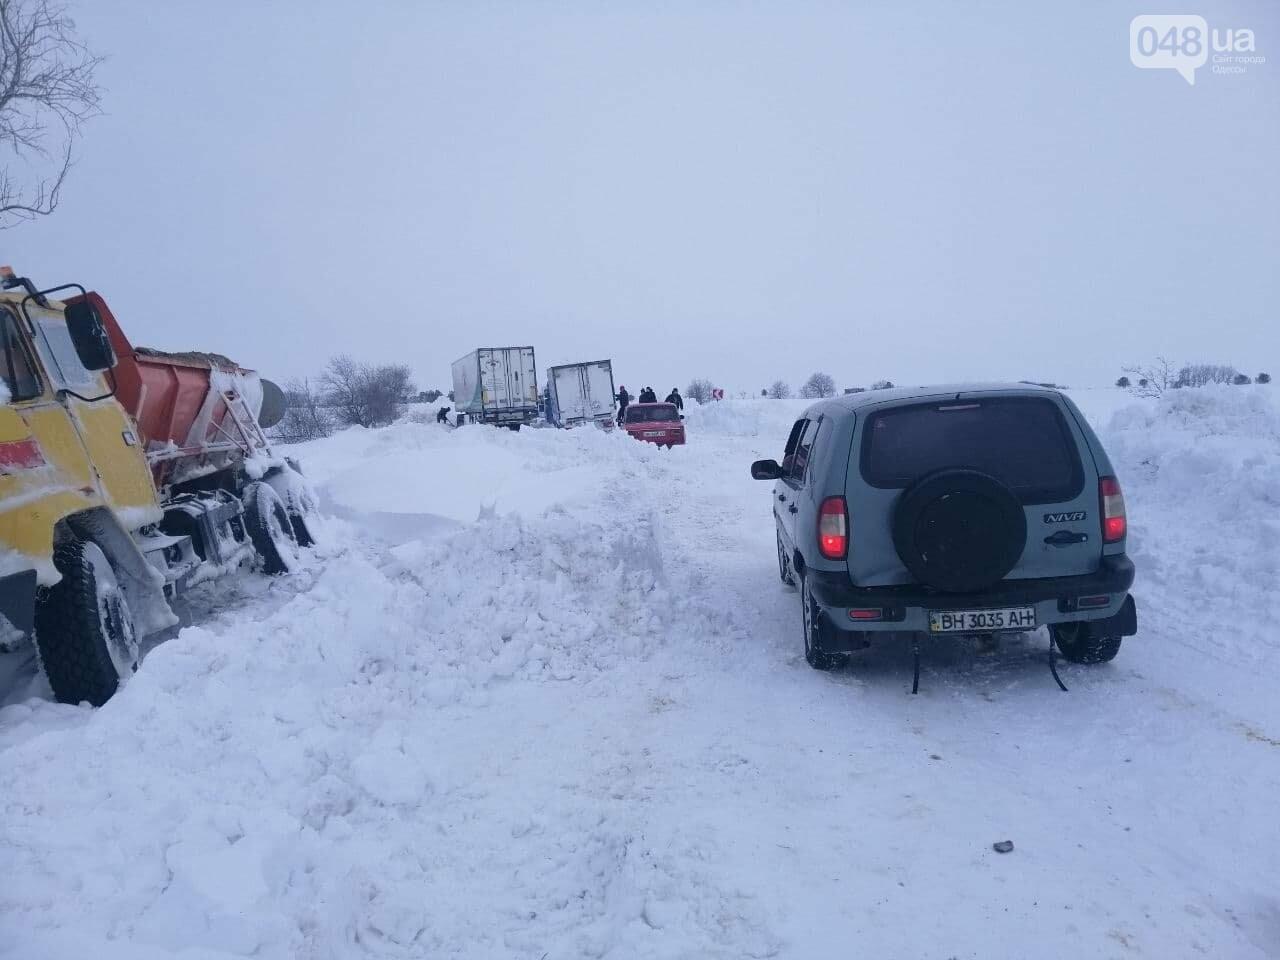 Трасса Одесса-Рени: брошенные автомобили, трактора и сугробы,- ВИДЕО, ФОТО, фото-6